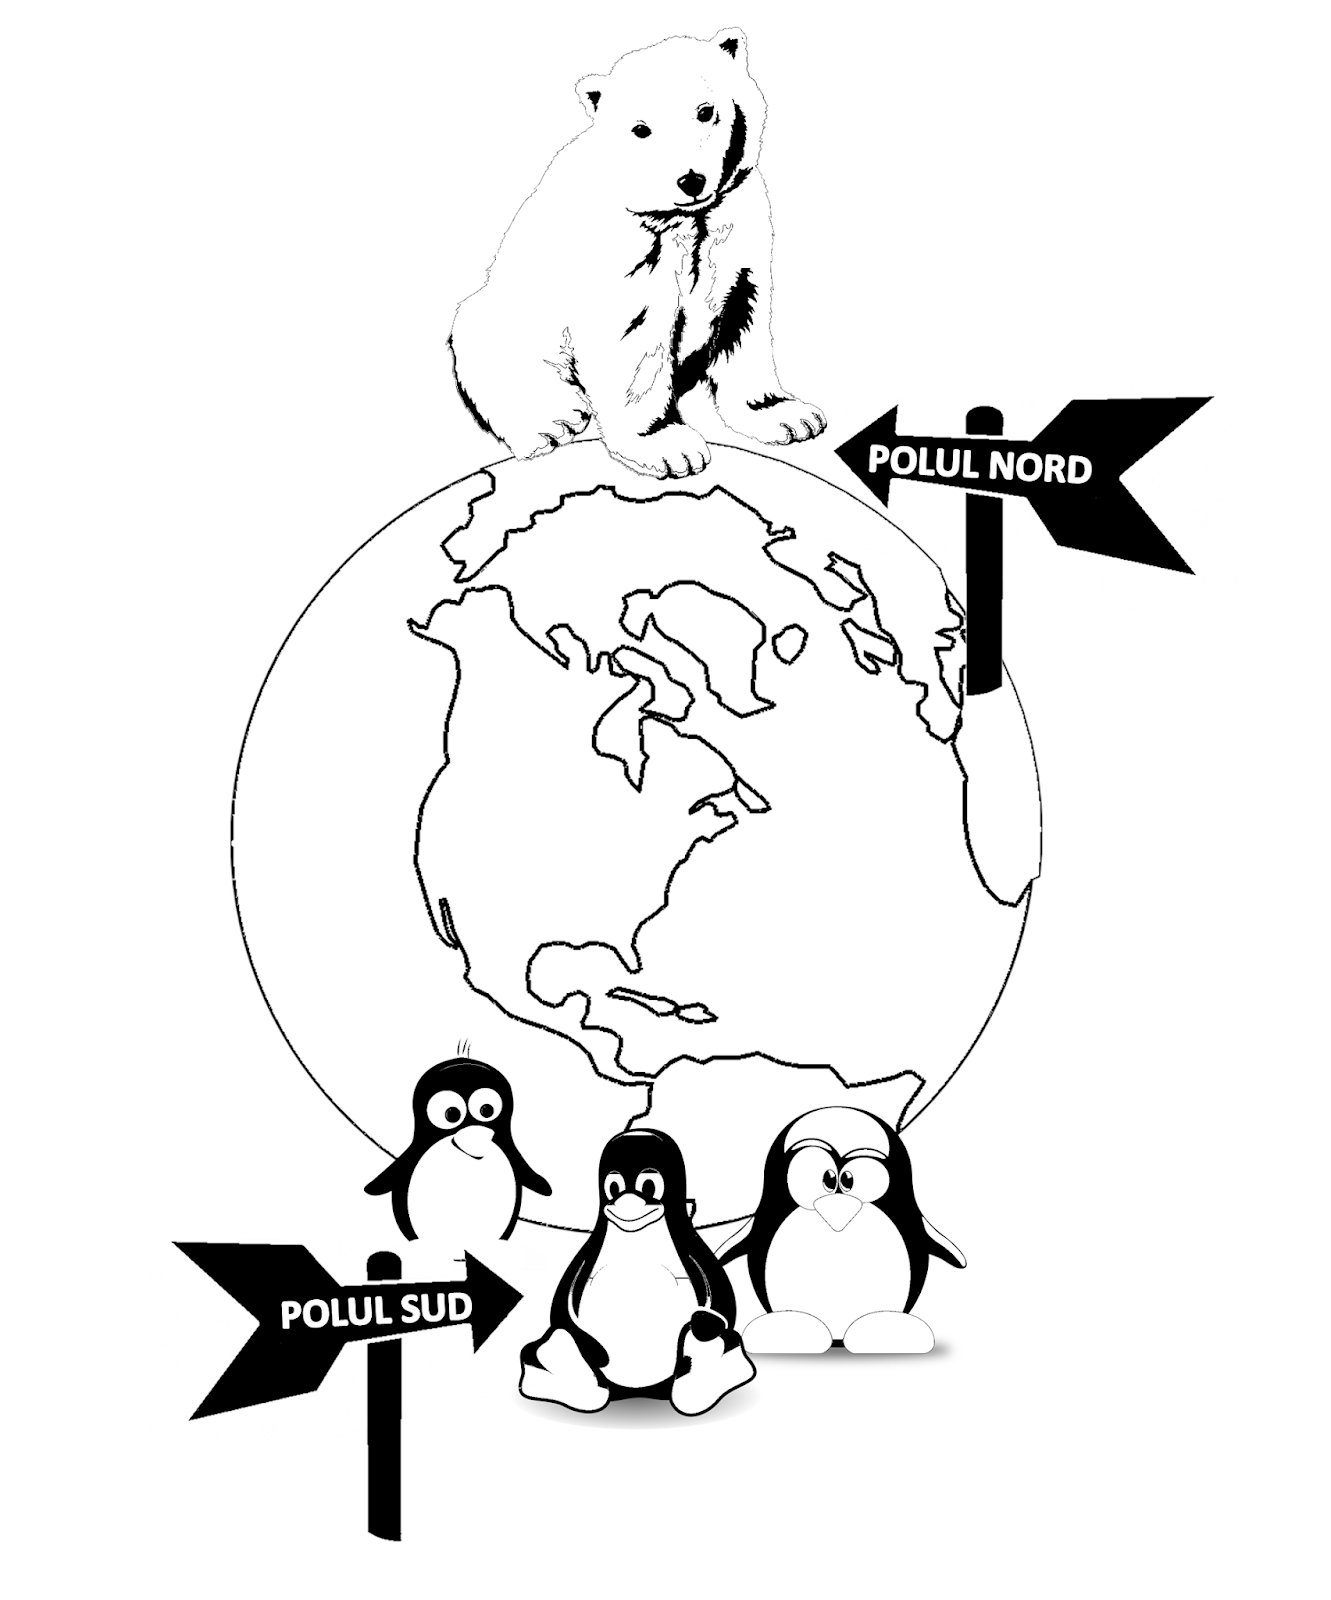 Animale din Zonele Polare